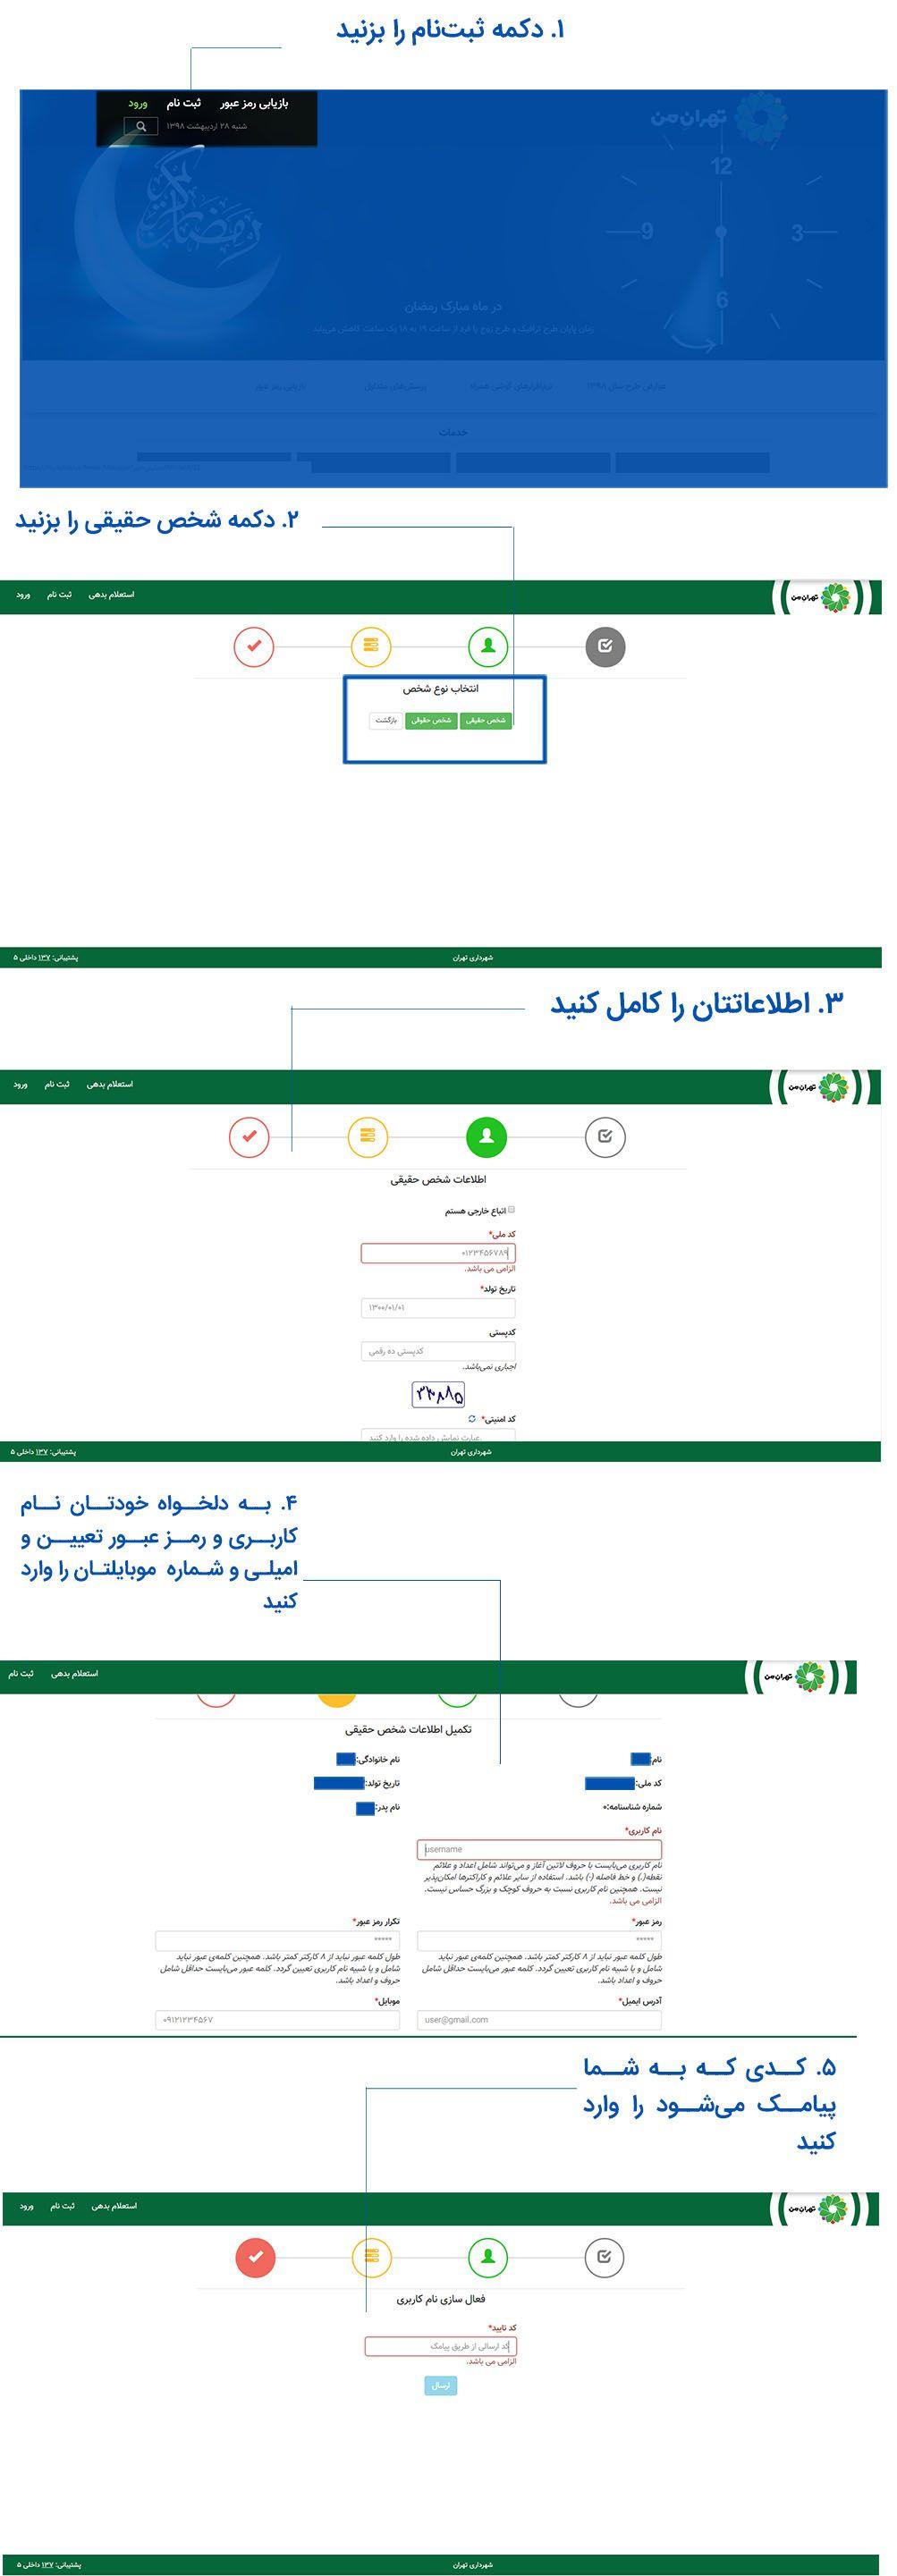 ثبت نام در سایت تهران من ، طرح ترافیک